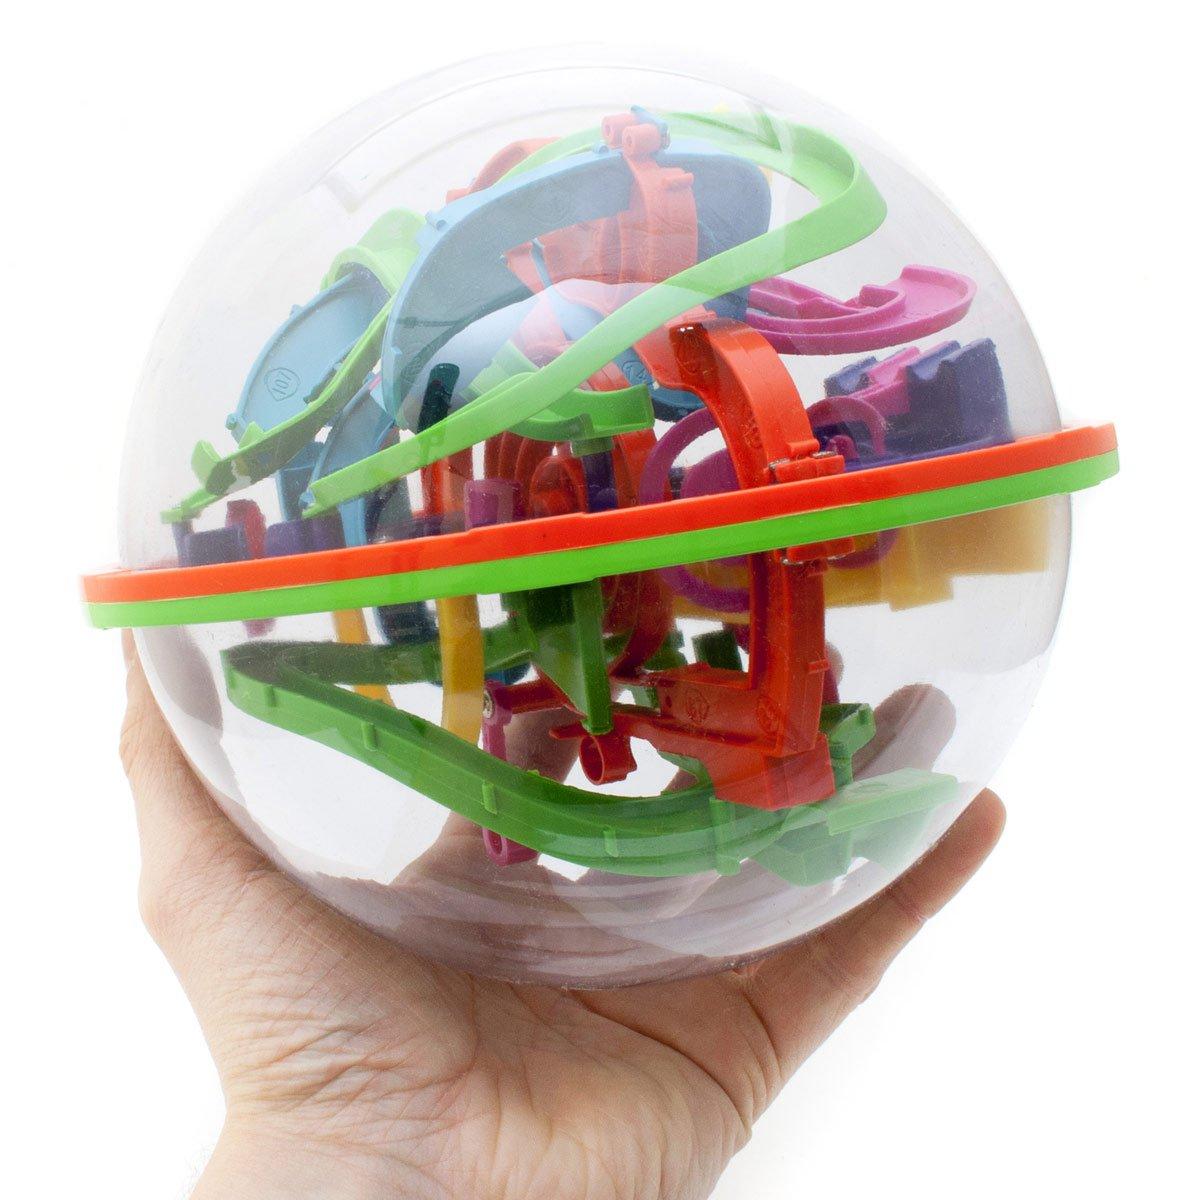 3D Kugellabyrinth Kugelspiel Magic Maze Kugel-Labyrinth Puzzle Ball Geschicklichkeitsspiel 20cm XXL Goods & Gadgets